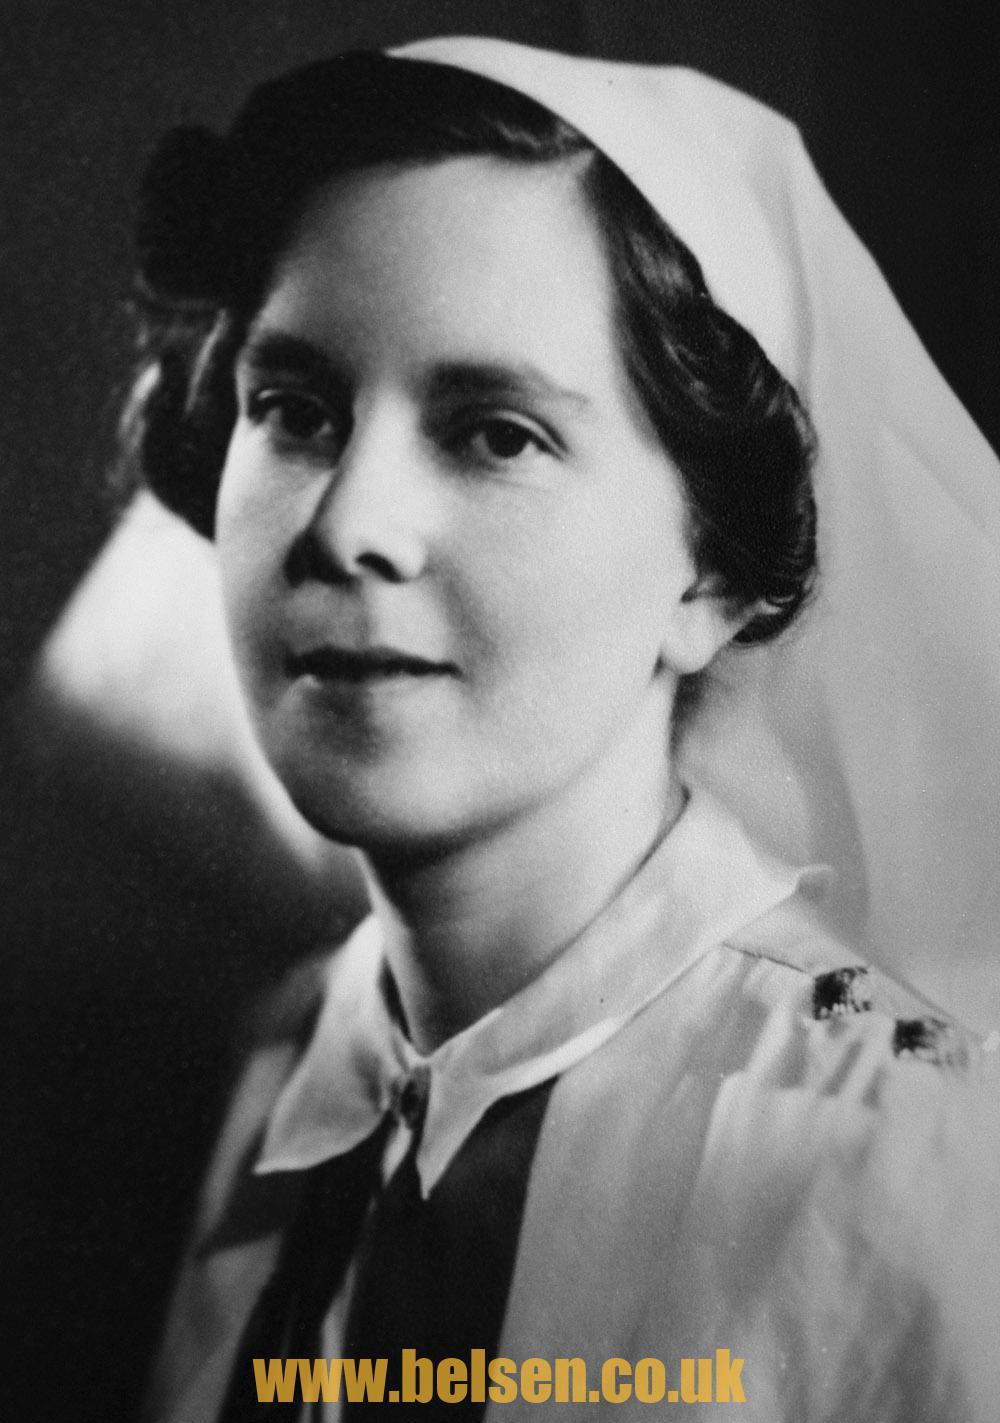 Sister Marion Murray Belsen